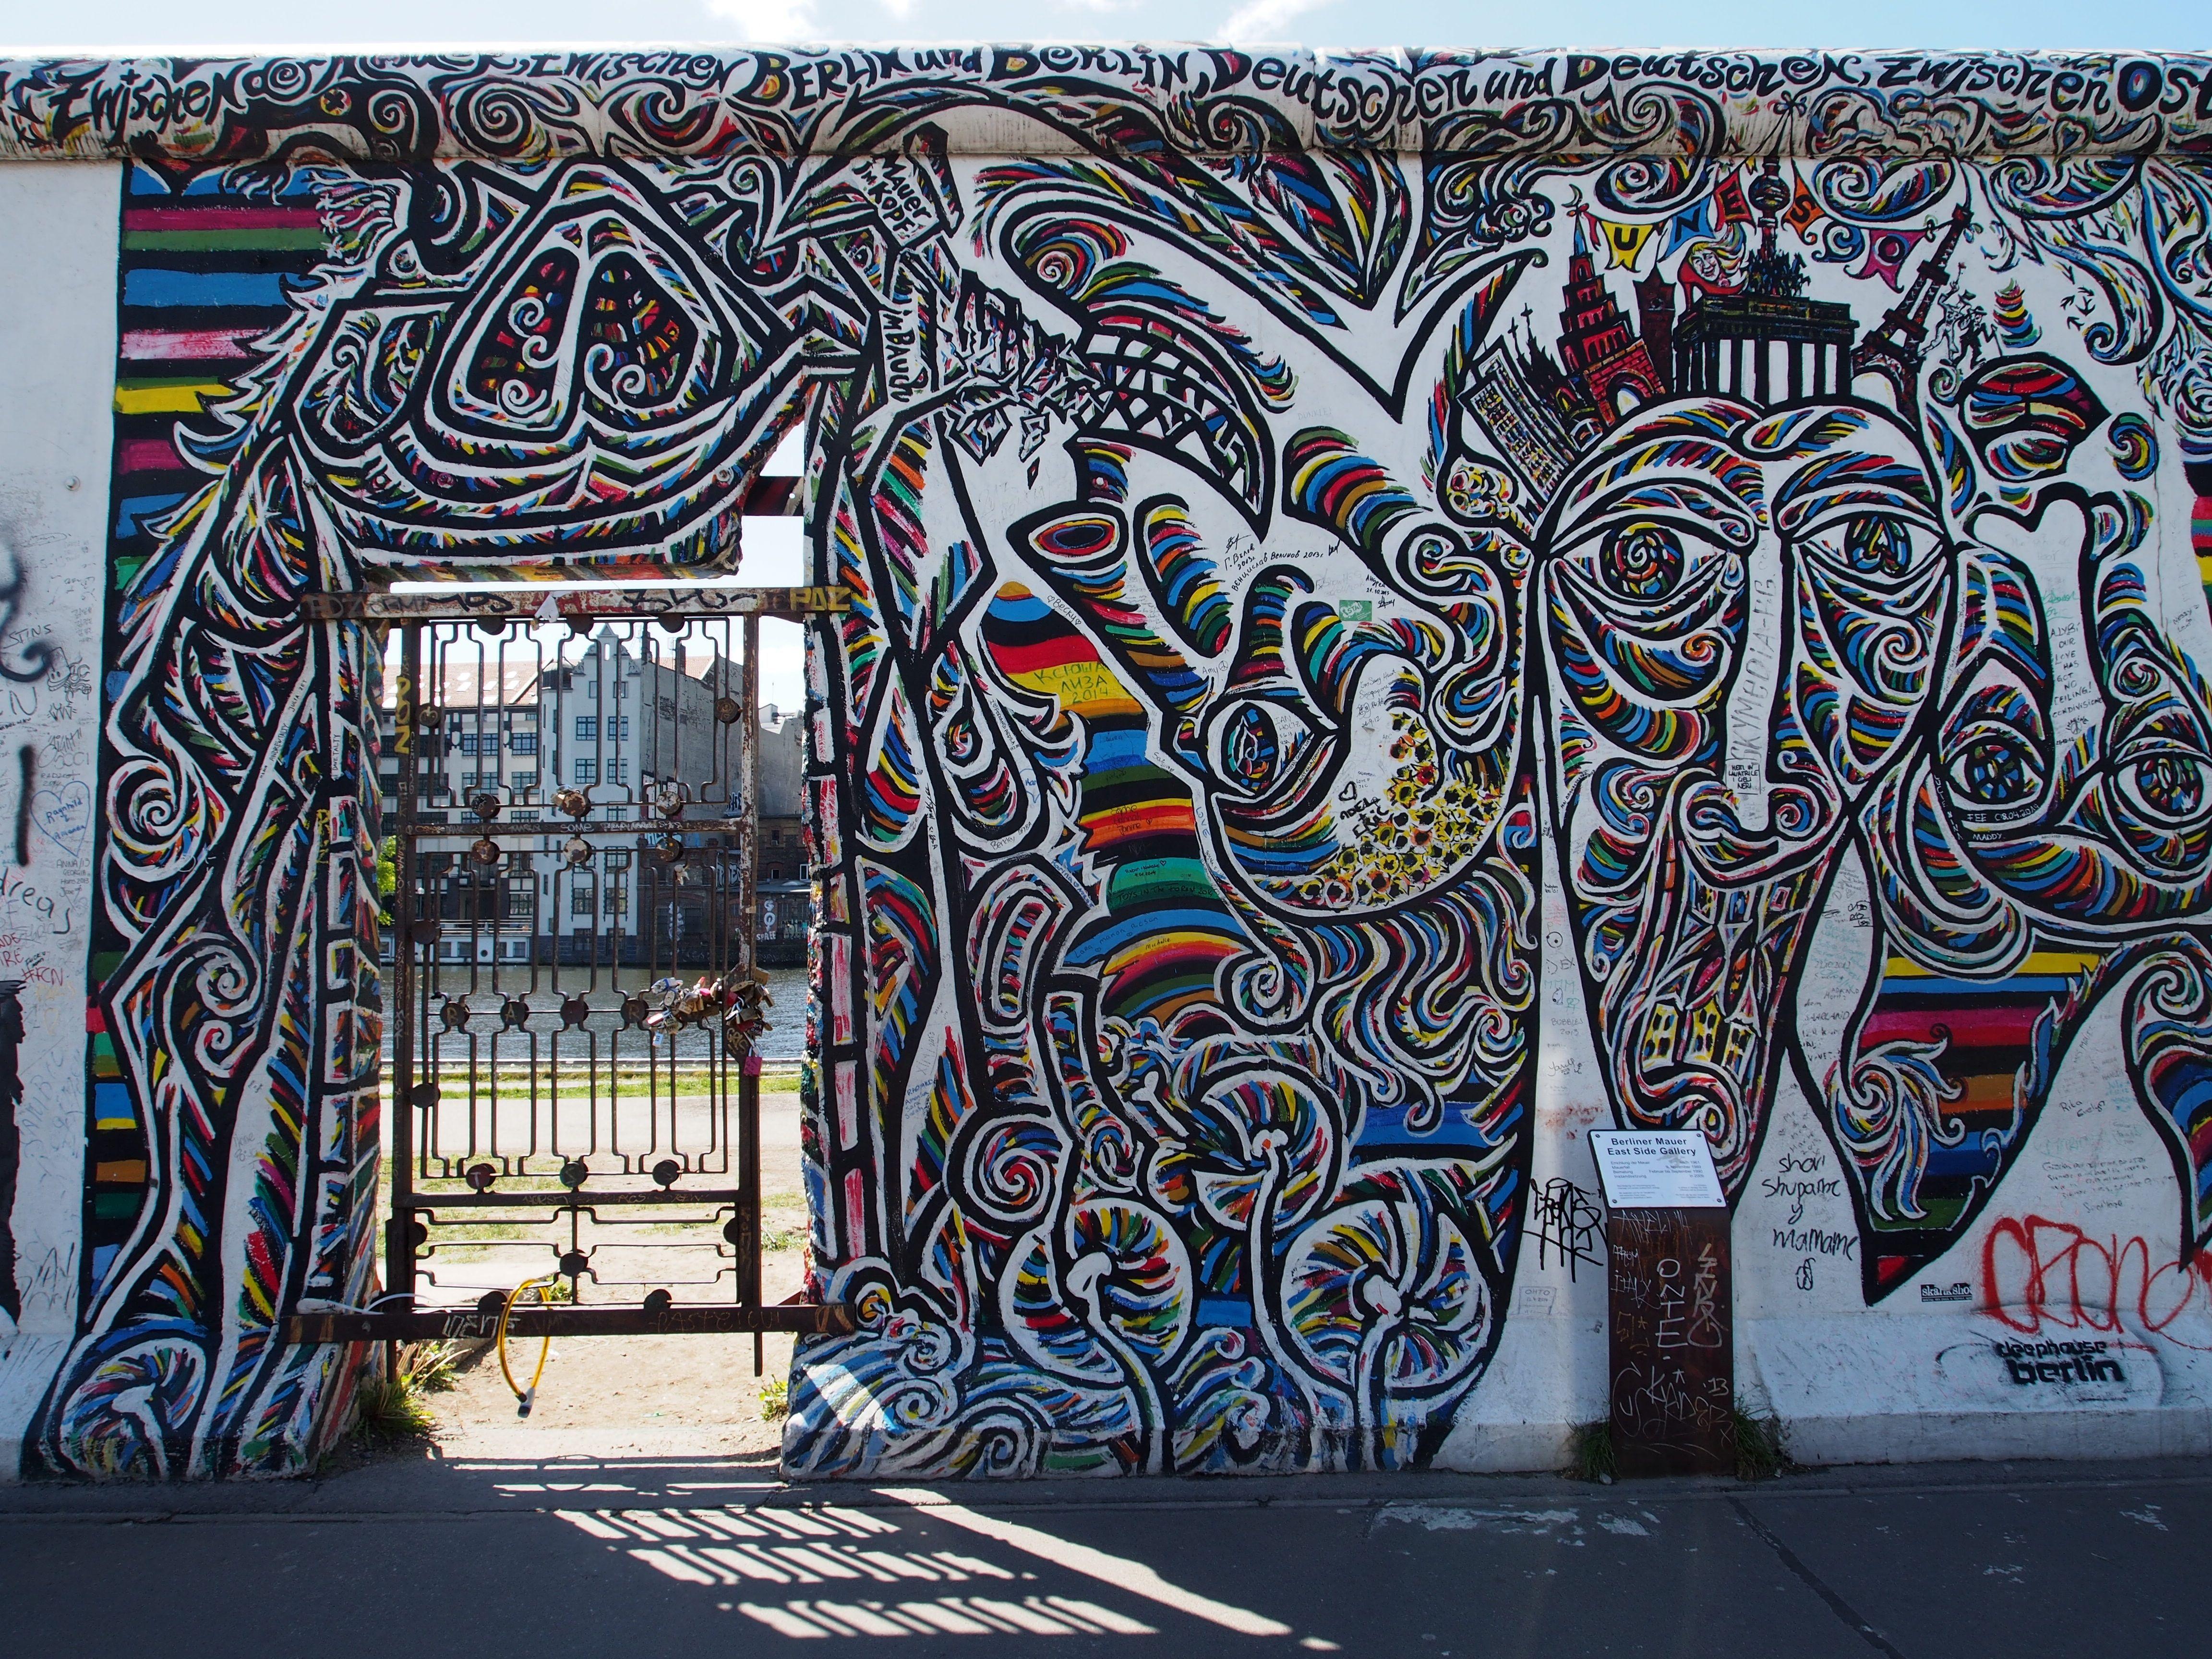 Berlin Mauer Berlin Wall Berlin East Side Gallery